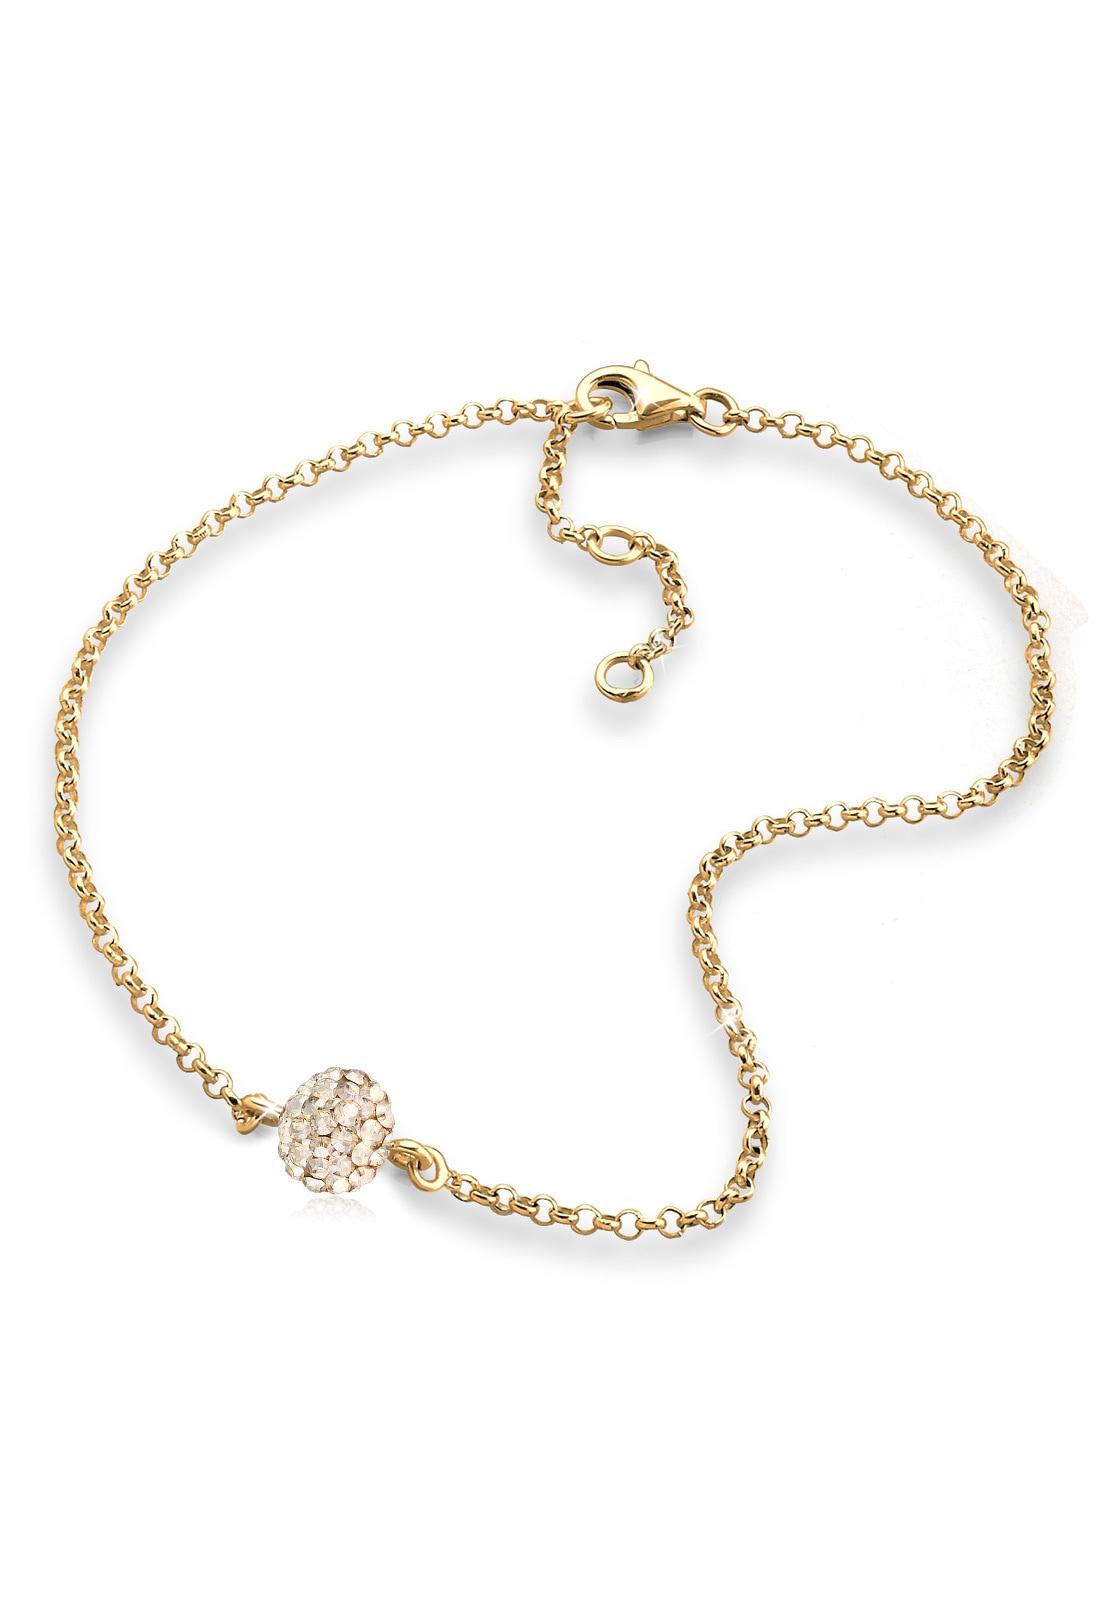 Elli Fußkette Kugel Swarovski Kristalle 925 Sterling Silber | Schmuck > Fußschmuck | Goldfarben | Elli